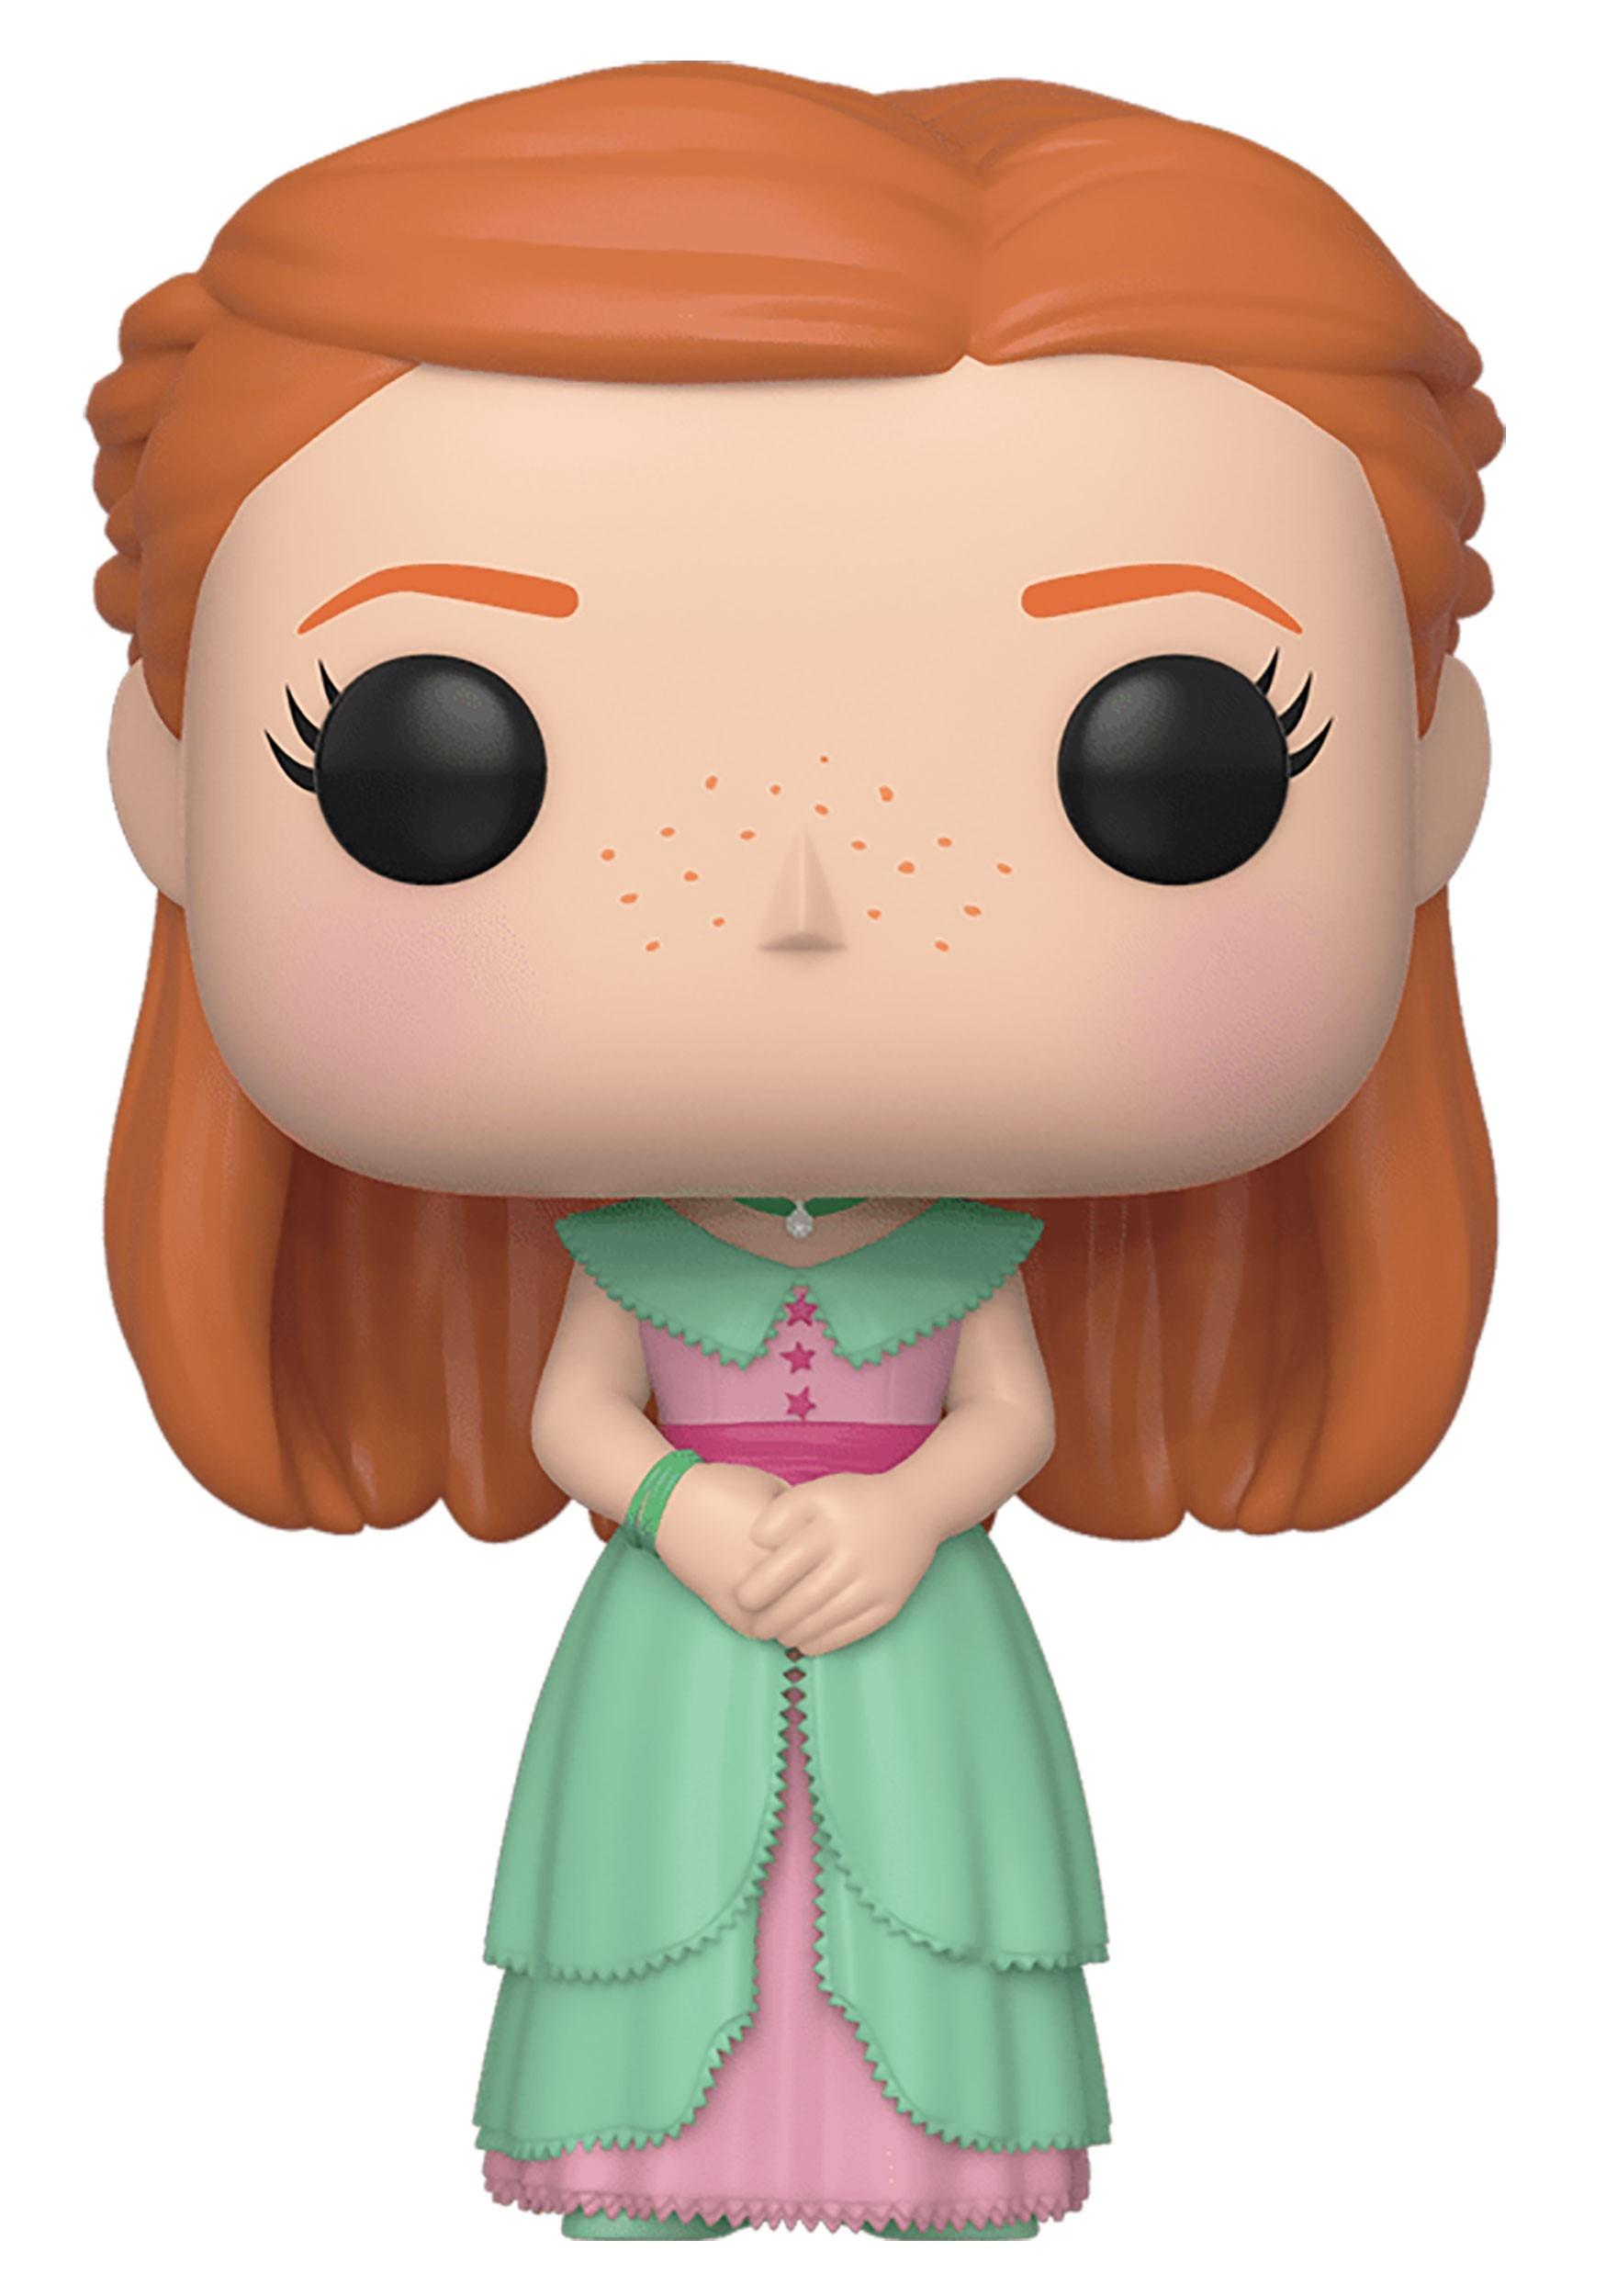 Ginny Weasley (Yule Ball) Pop! Harry Potter